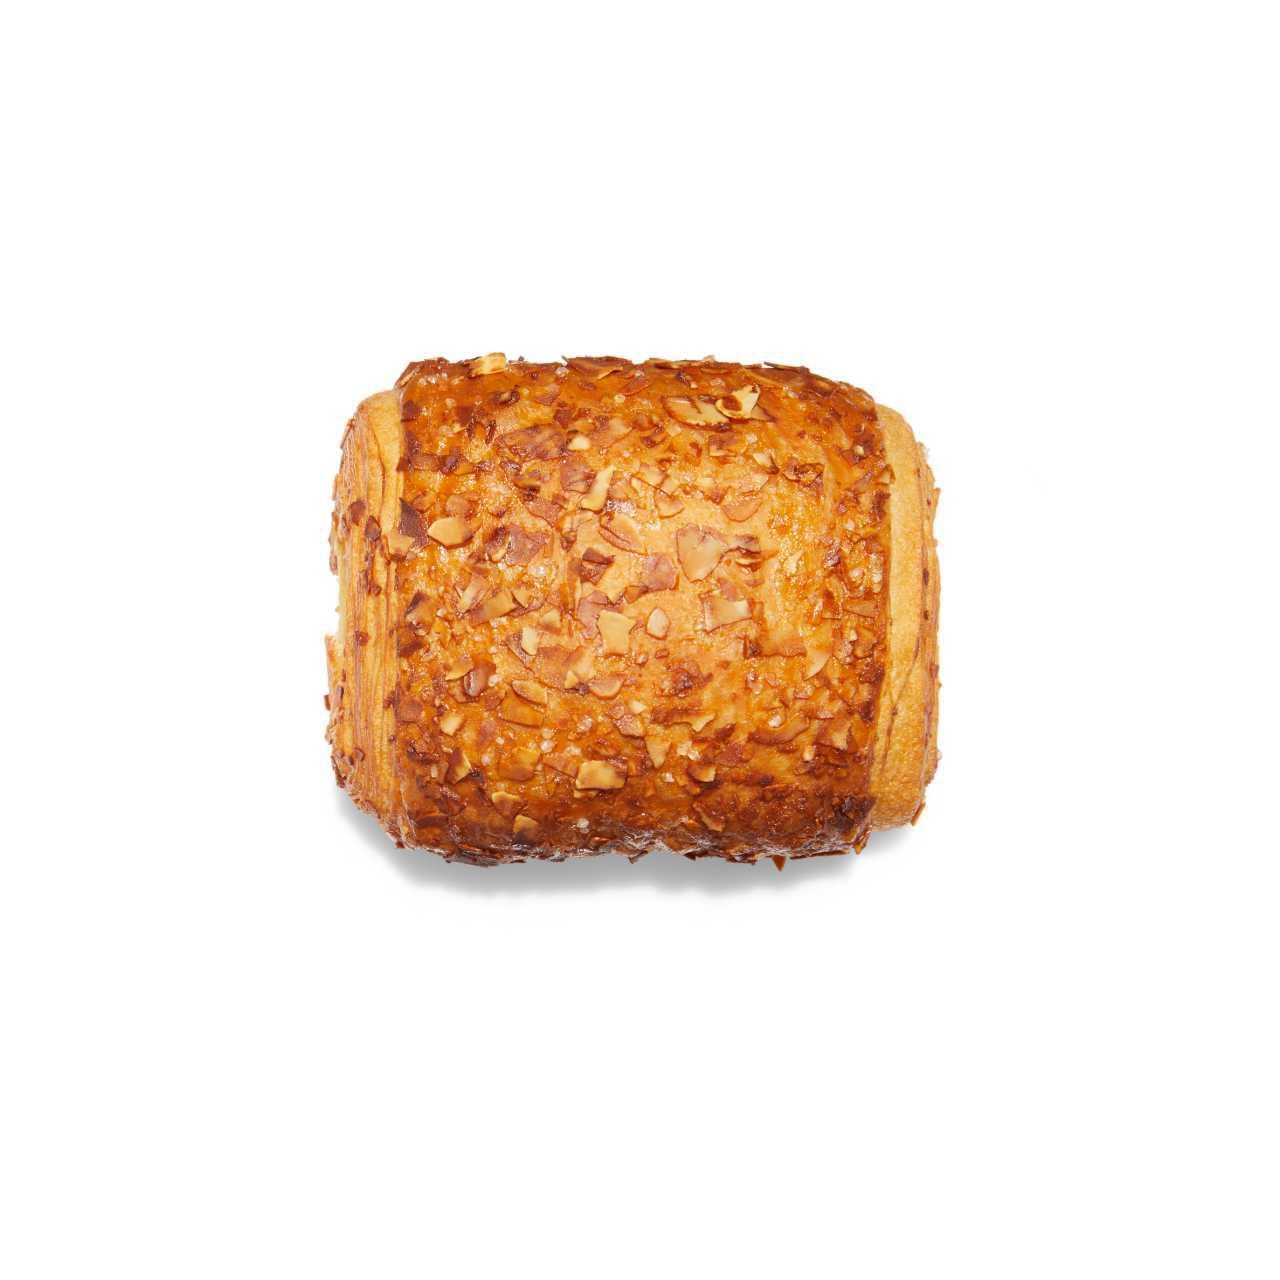 Broodje met creme+amandeldecor